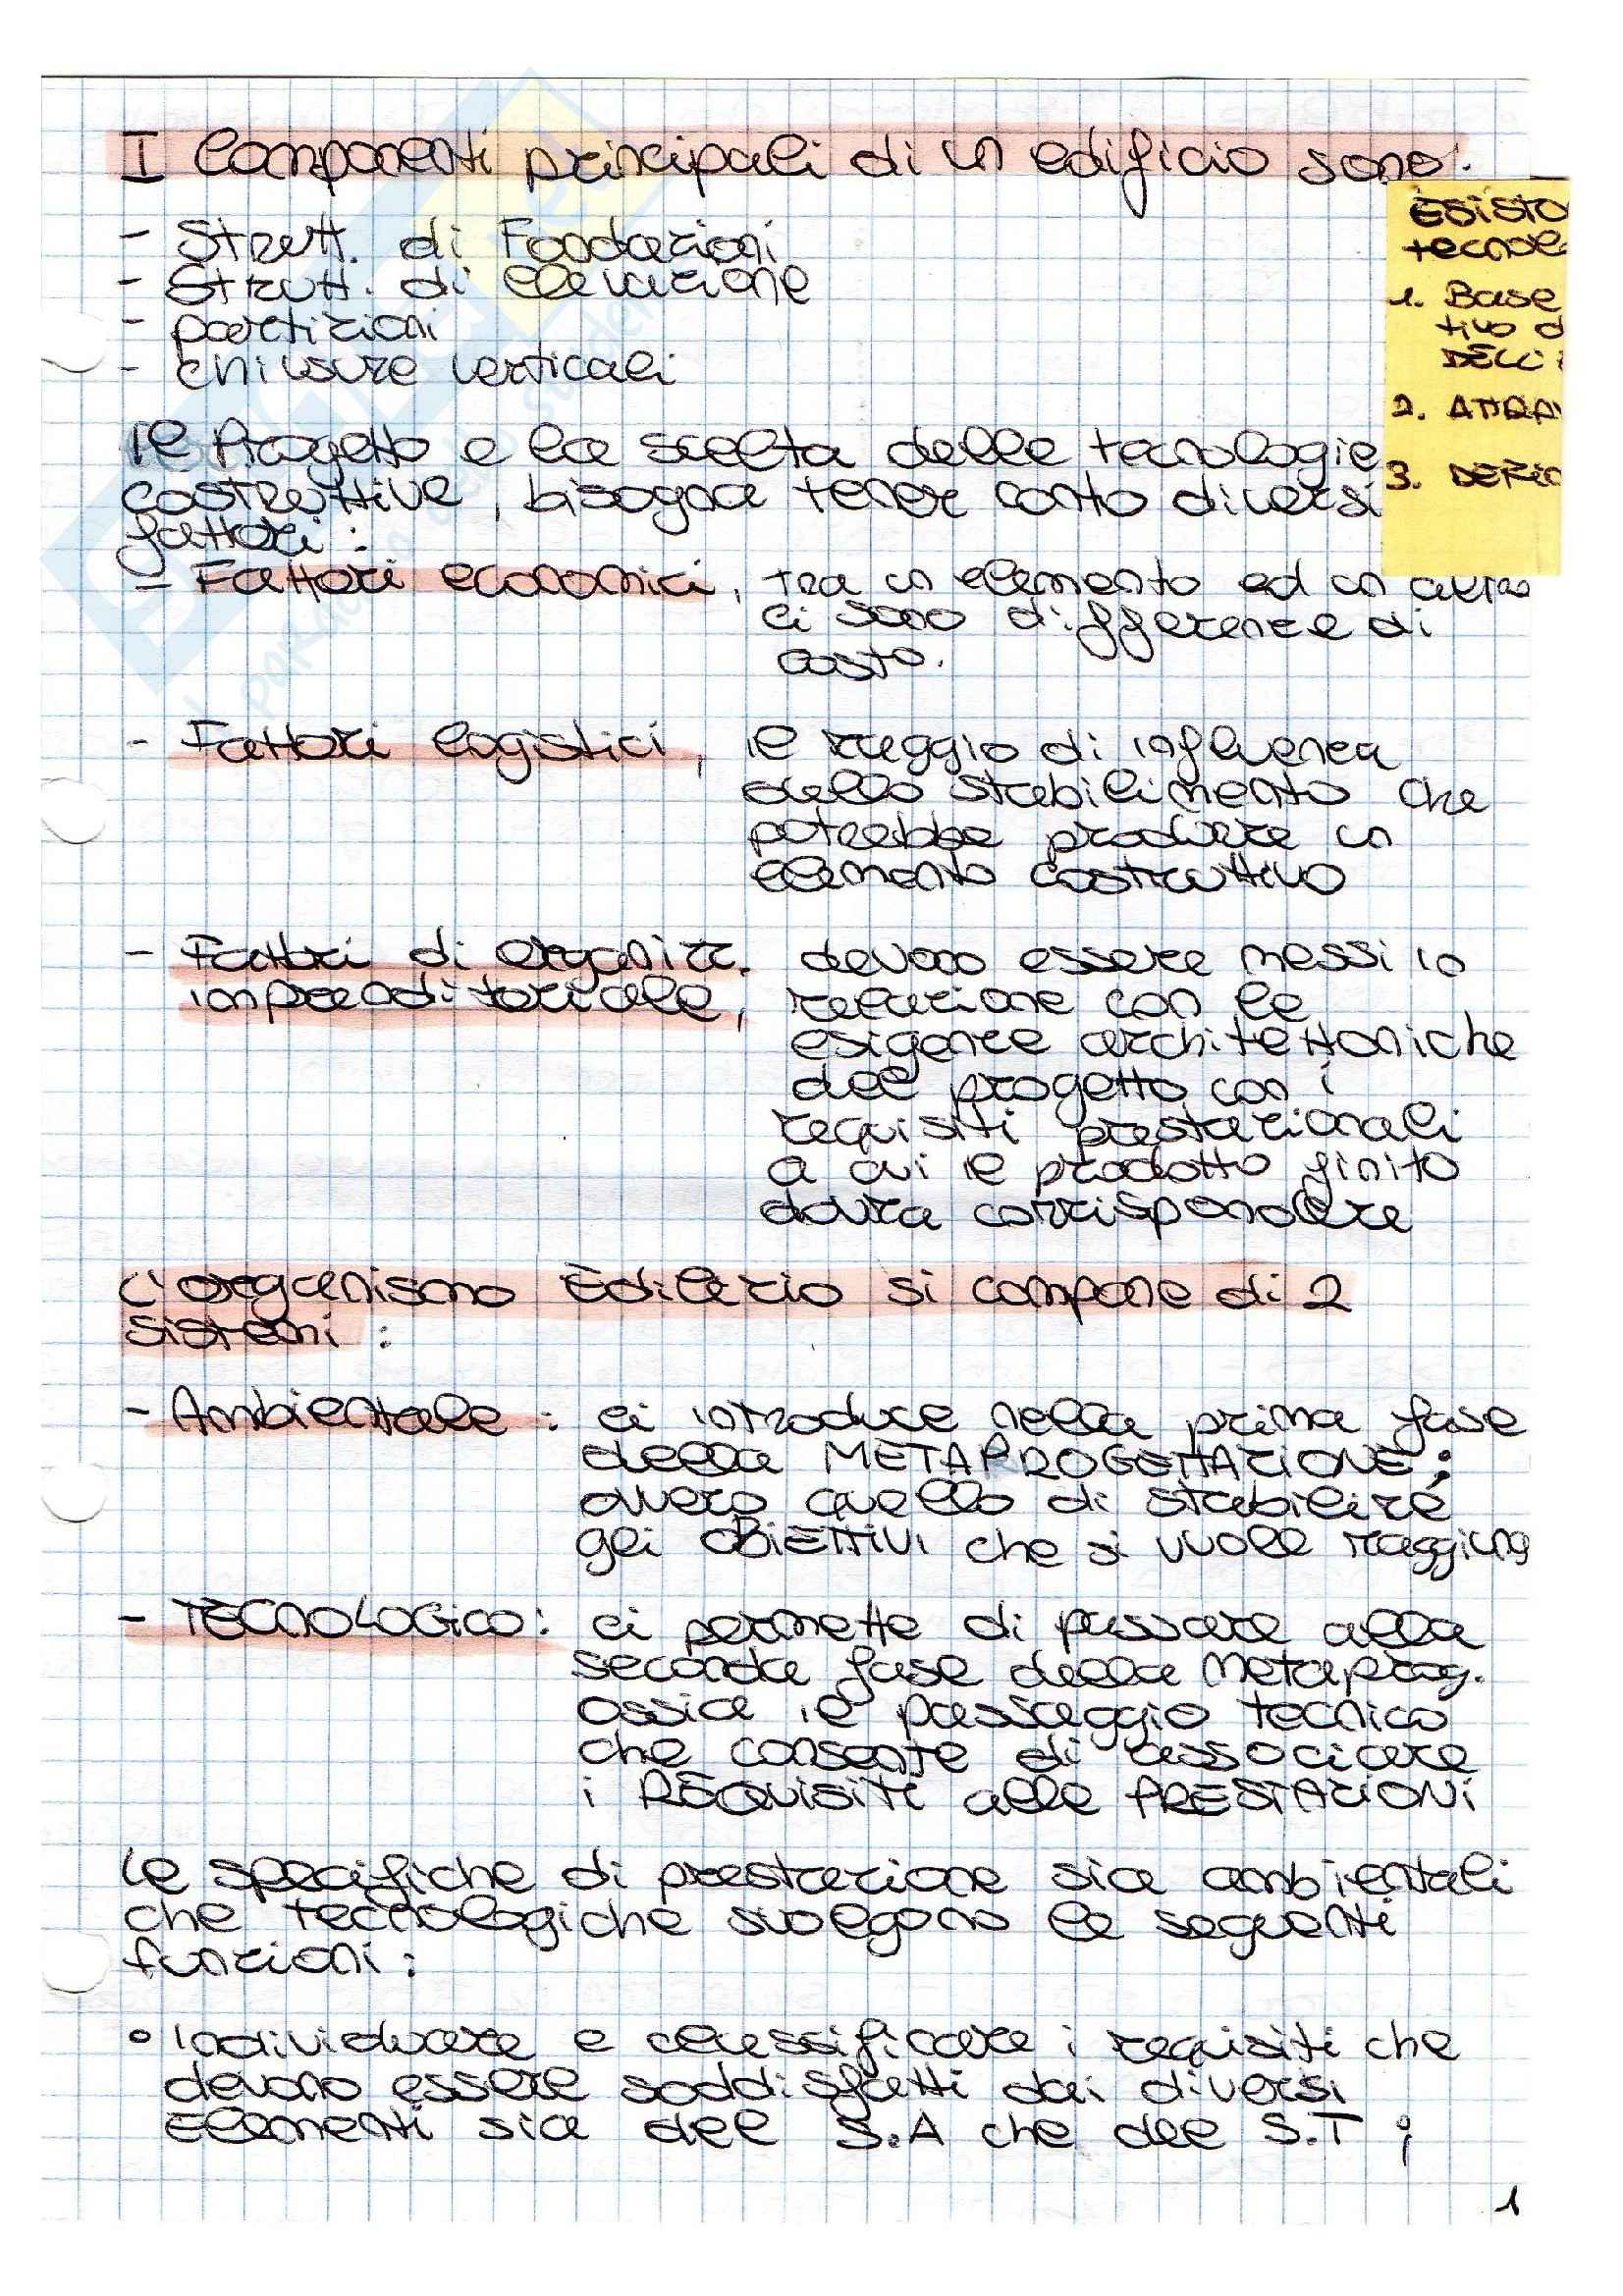 Appunti Tecnologia dei processi realizzativi